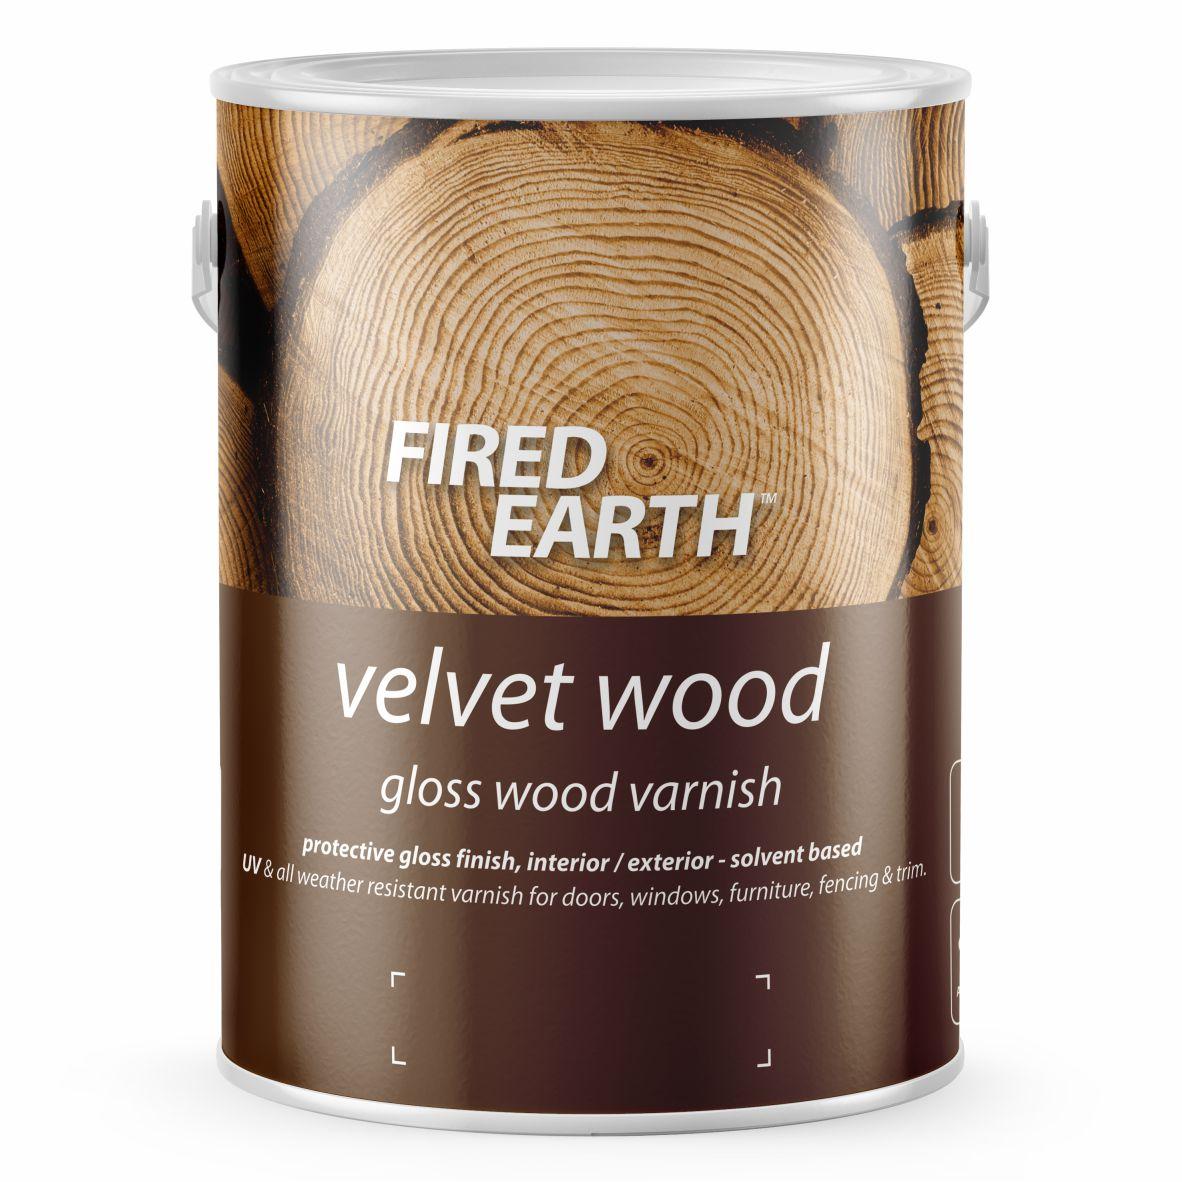 FE Wood Velvet gloss wood varnish.jpg